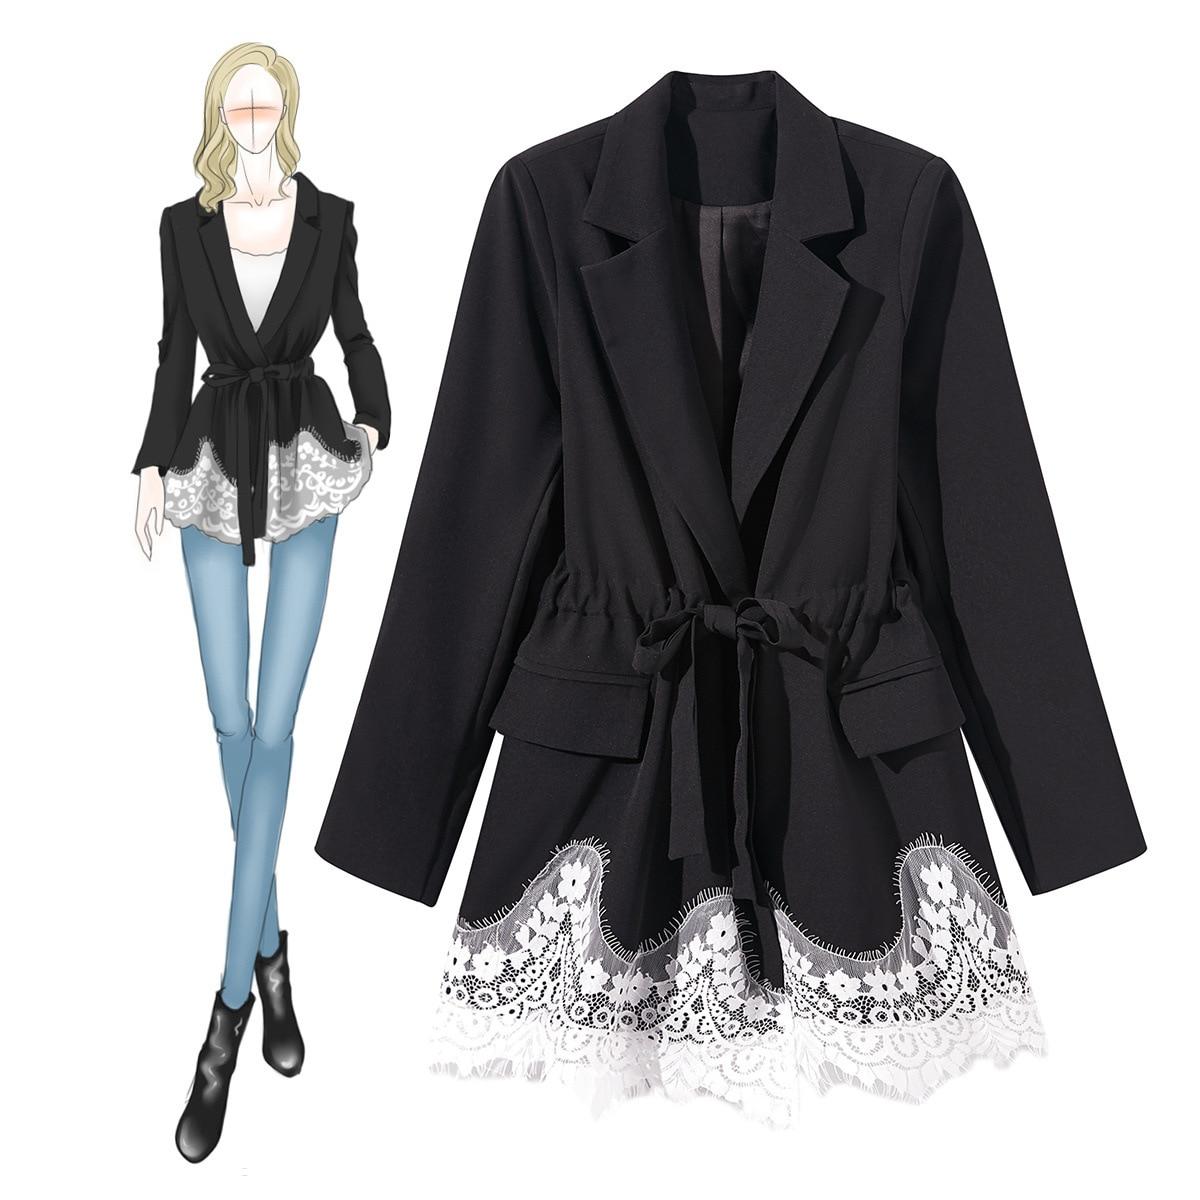 Femmes Lady Blanc Noir Automne Office Patchwork Cordons Mode Blazers De 2018 Blazer Taille Dentelle Nouveau HxwrHpq